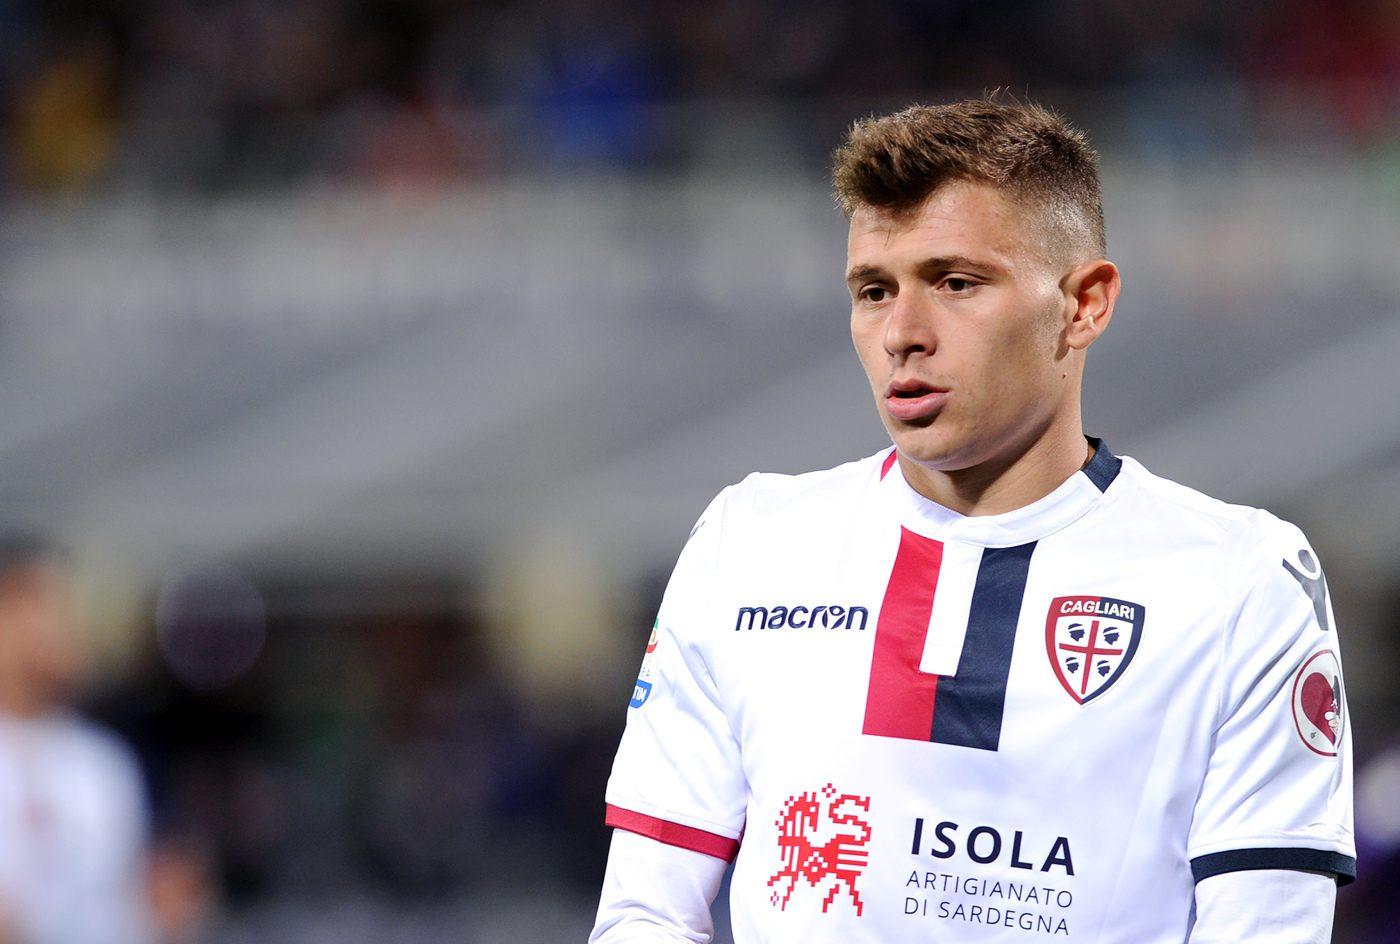 Niccolò Barella, talento emergente a Cagliari